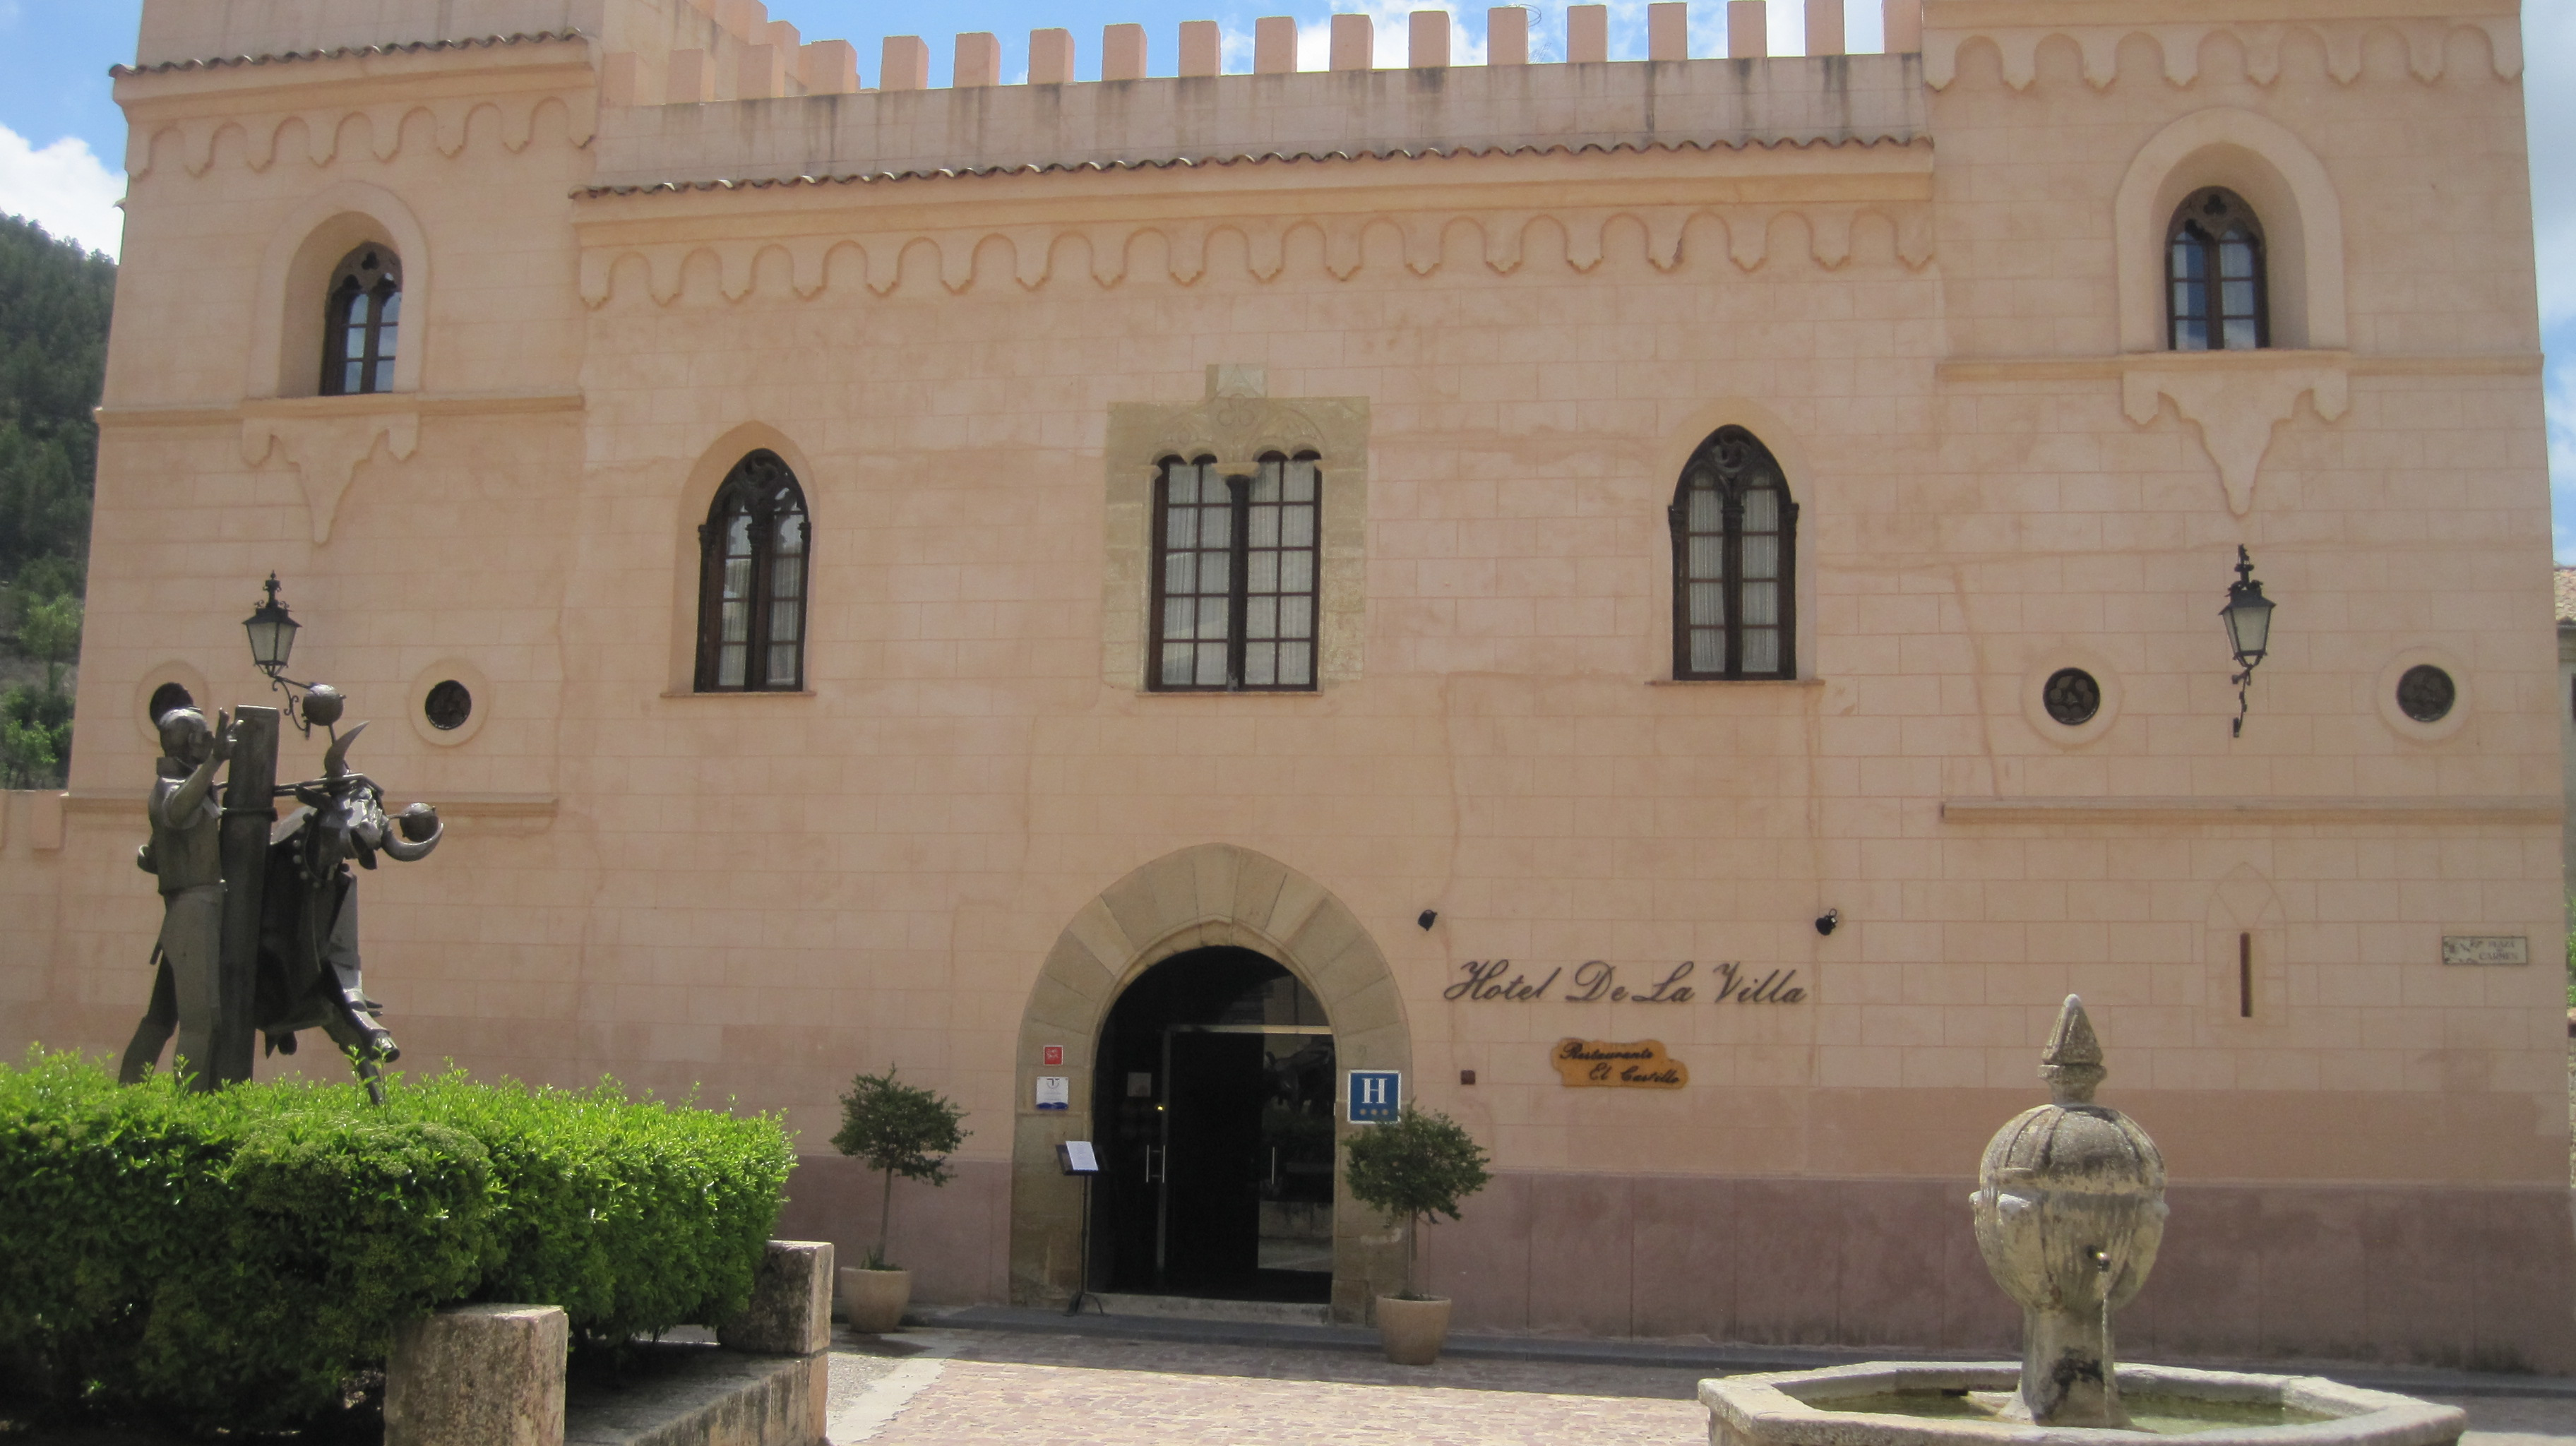 Hotel de la Villa